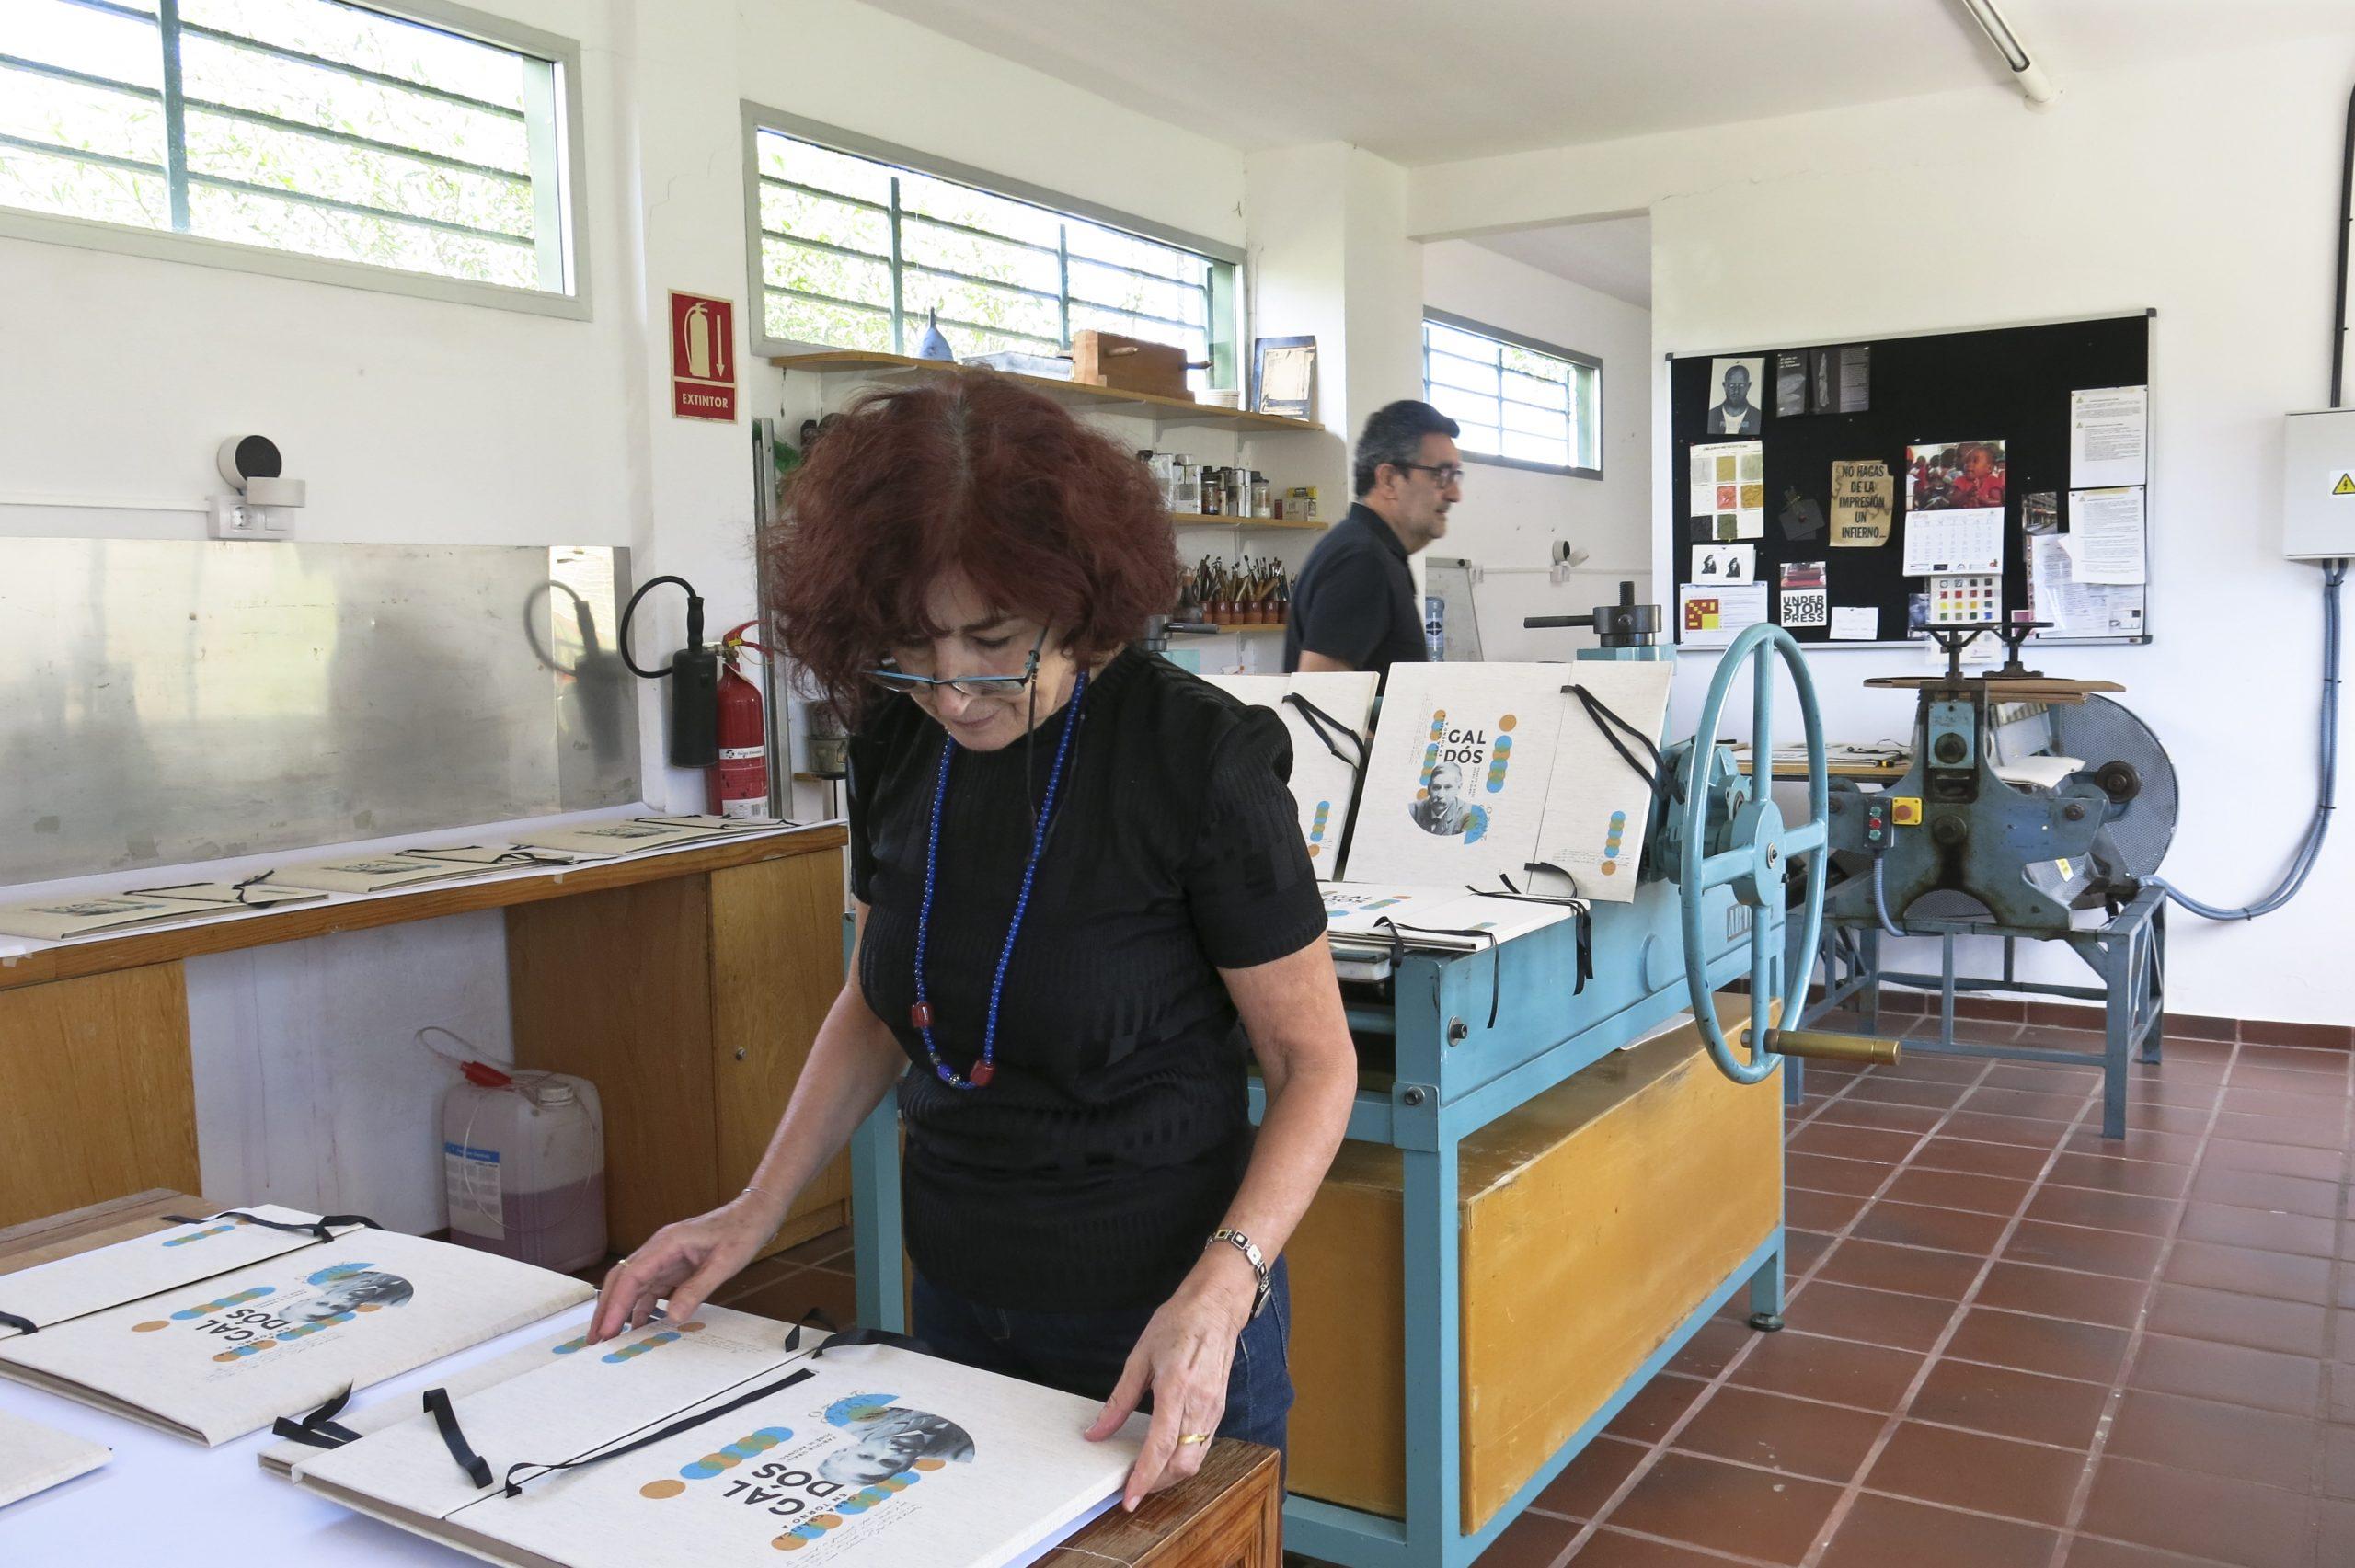 El Centro de Artes Plásticas del Cabildo confecciona una carpeta con grabados en homenaje a Benito Pérez Galdós